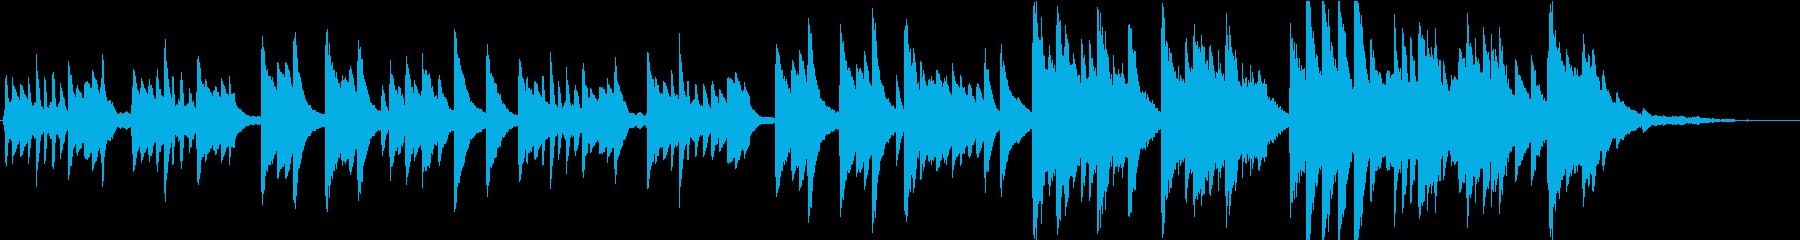 ピアノの叙情的な旋律が印象的なバラードの再生済みの波形